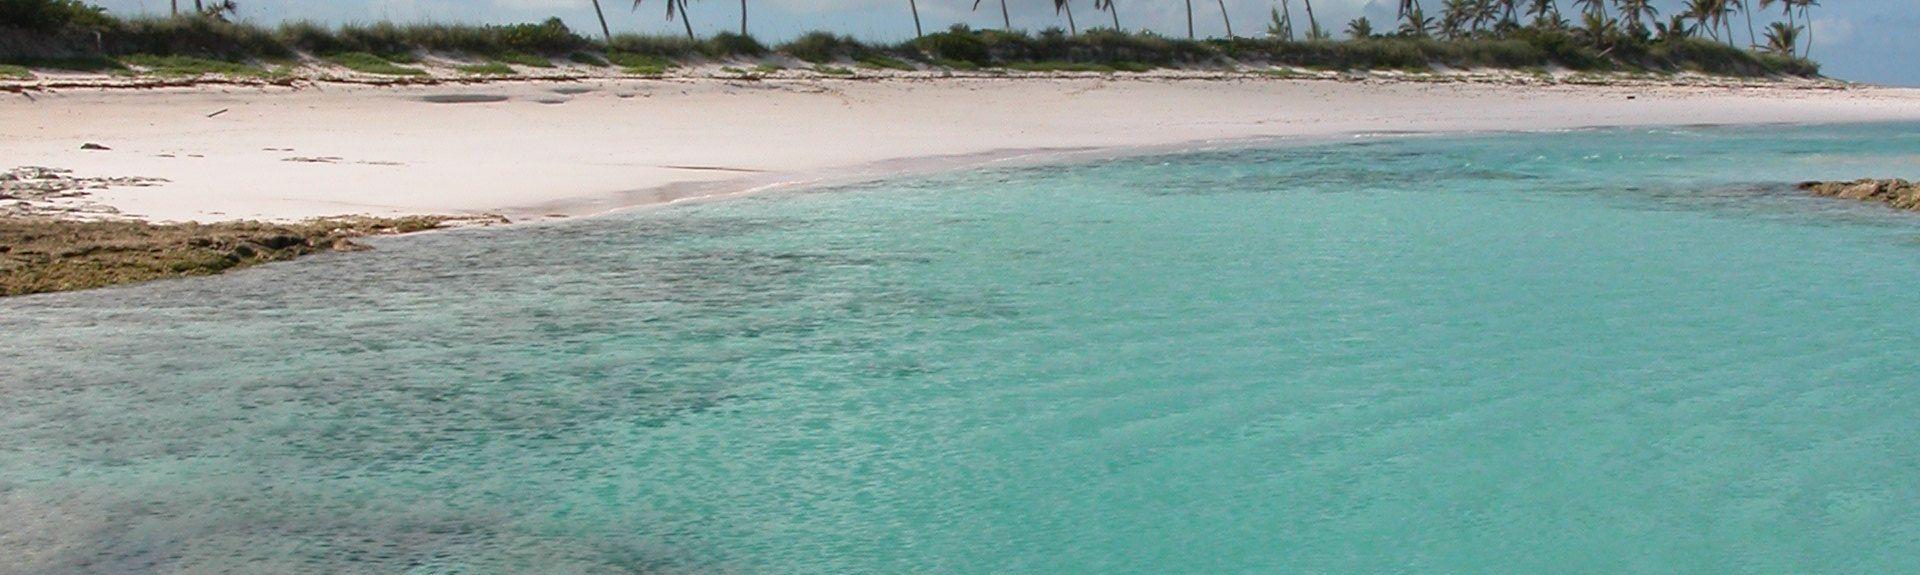 South Palmetto Point, Bahamas